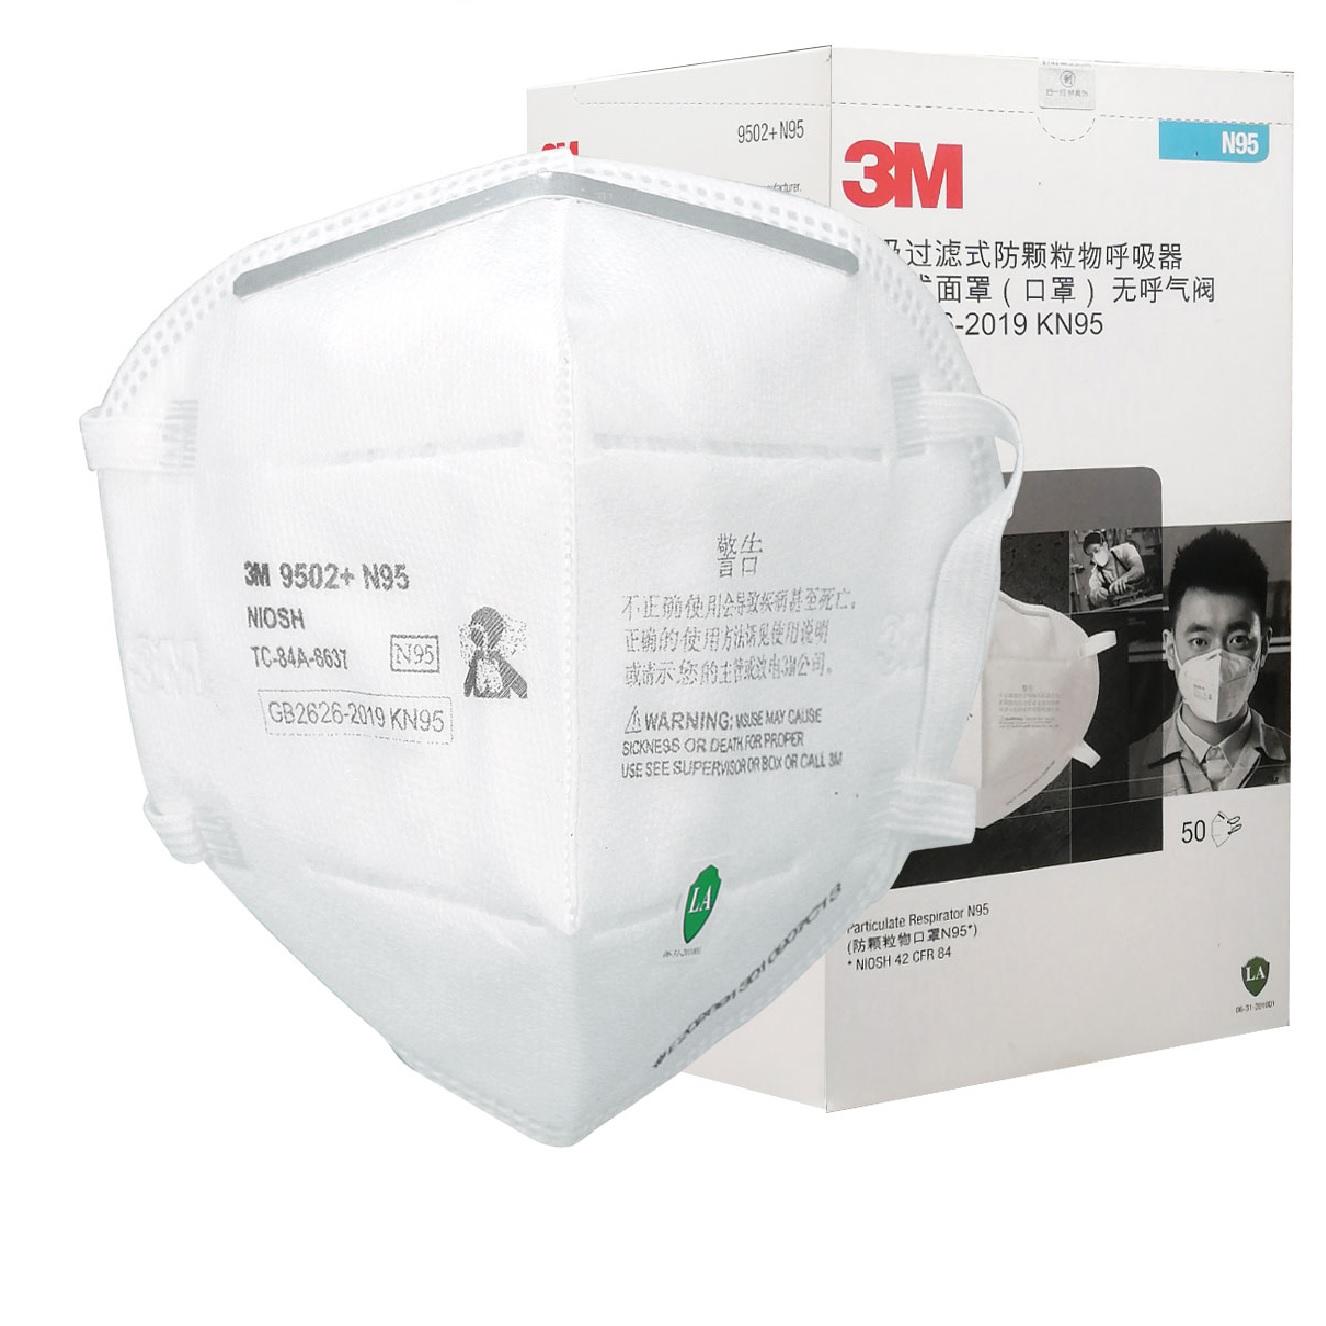 3M 9502+ N95 Particulate Respirator 50PC/Box